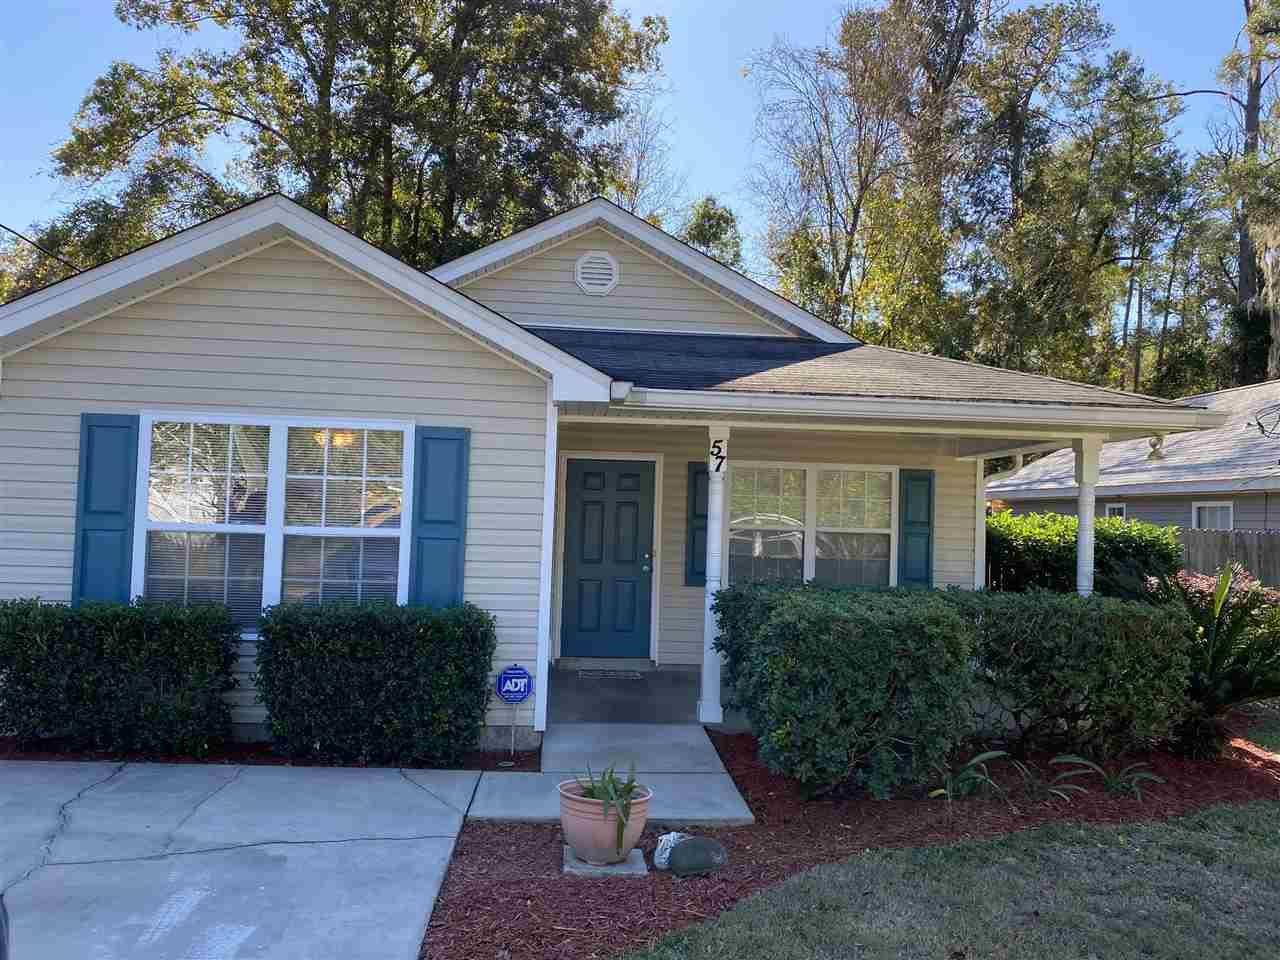 57 Kiowa Trail, Crawfordville, FL 32327 - MLS#: 326117